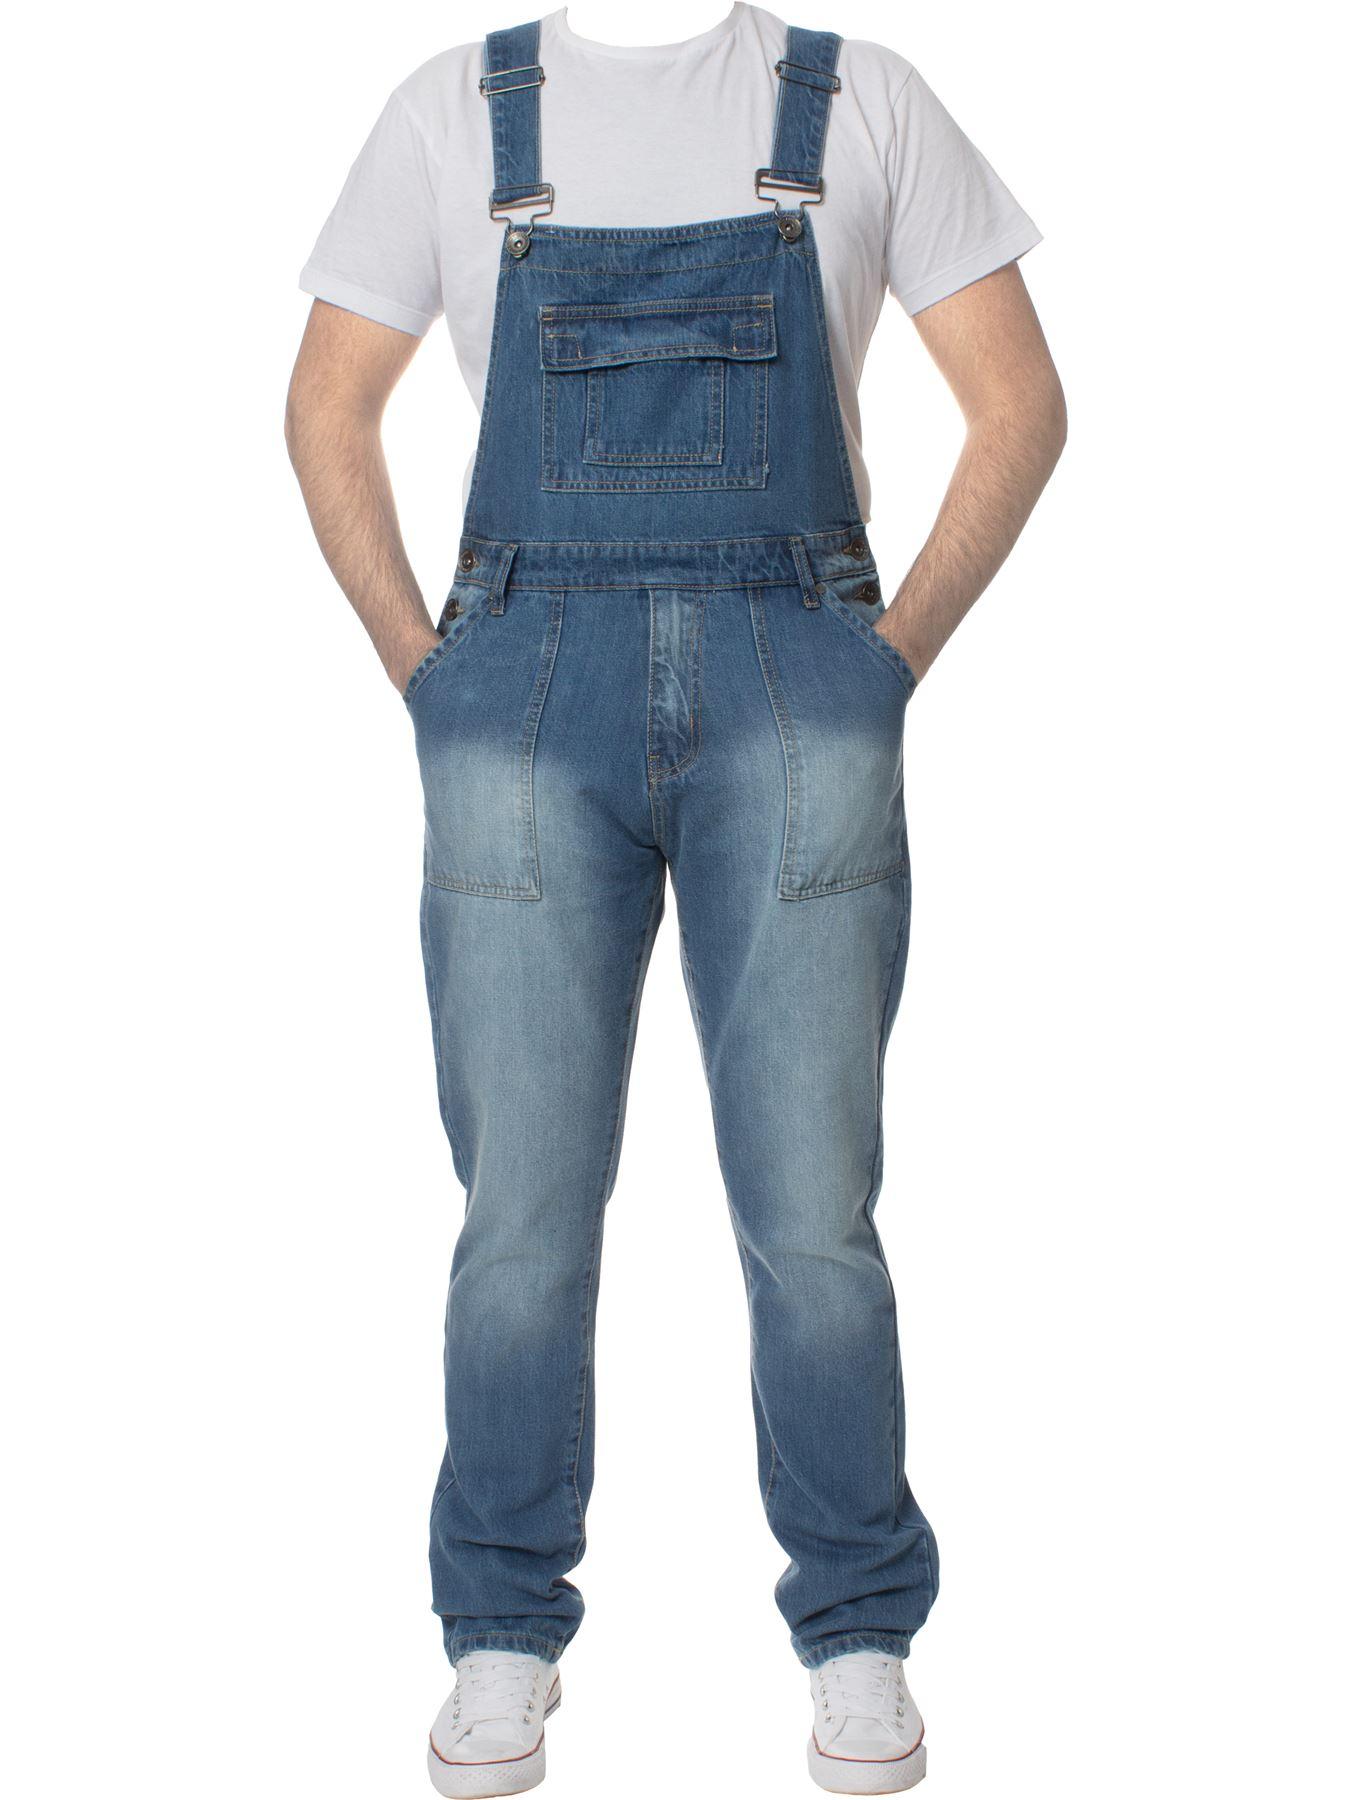 ENZO-Jeans-Hombre-Denim-Azul-Peto-Peto-overoles-Todas-Cinturas-Talla-30-034-50-034 miniatura 5